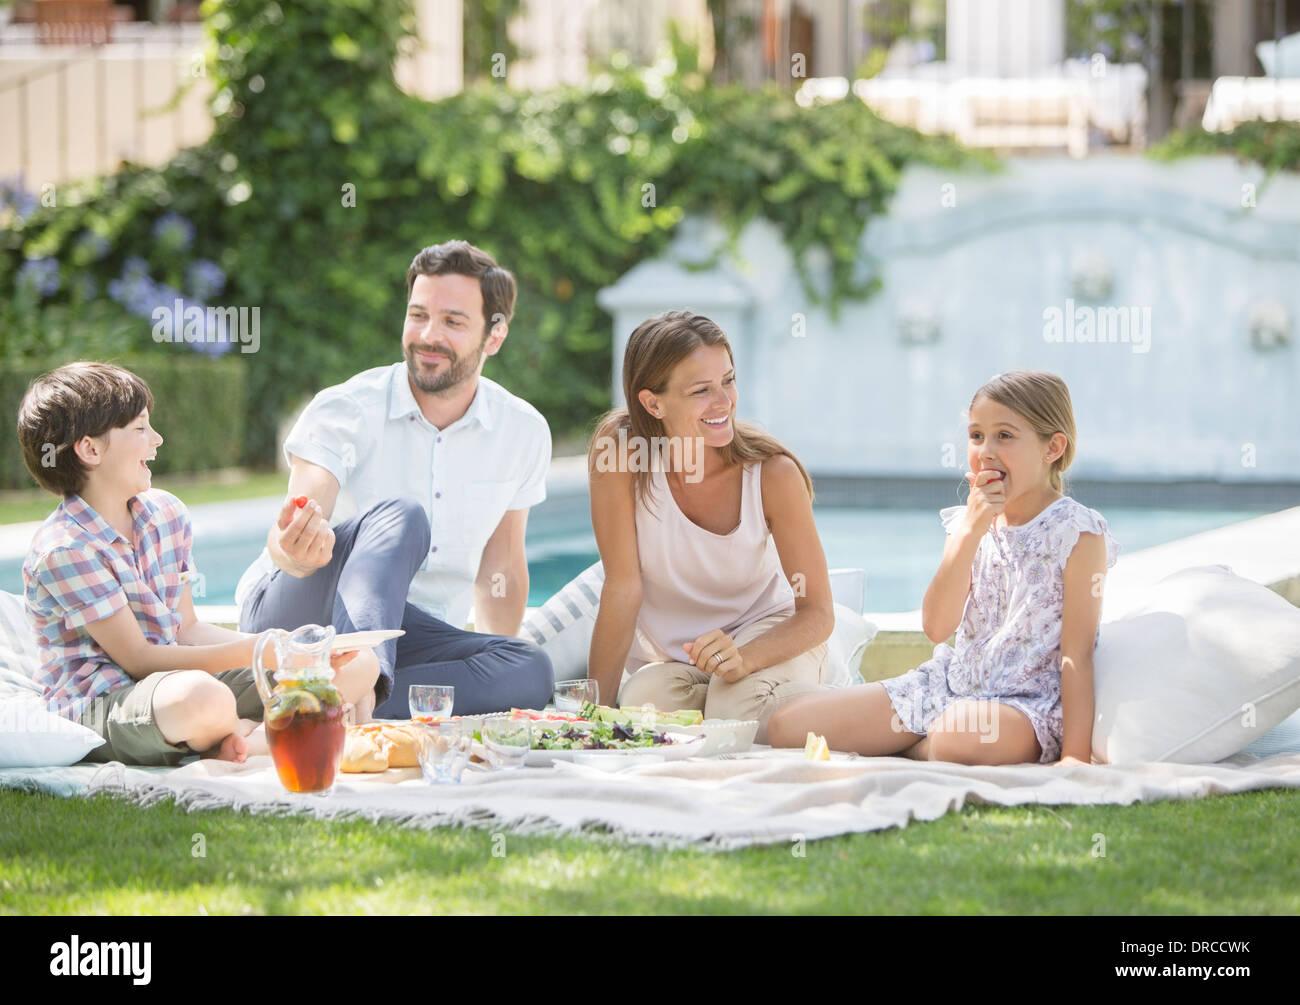 Pique-nique en famille dans l'herbe Banque D'Images